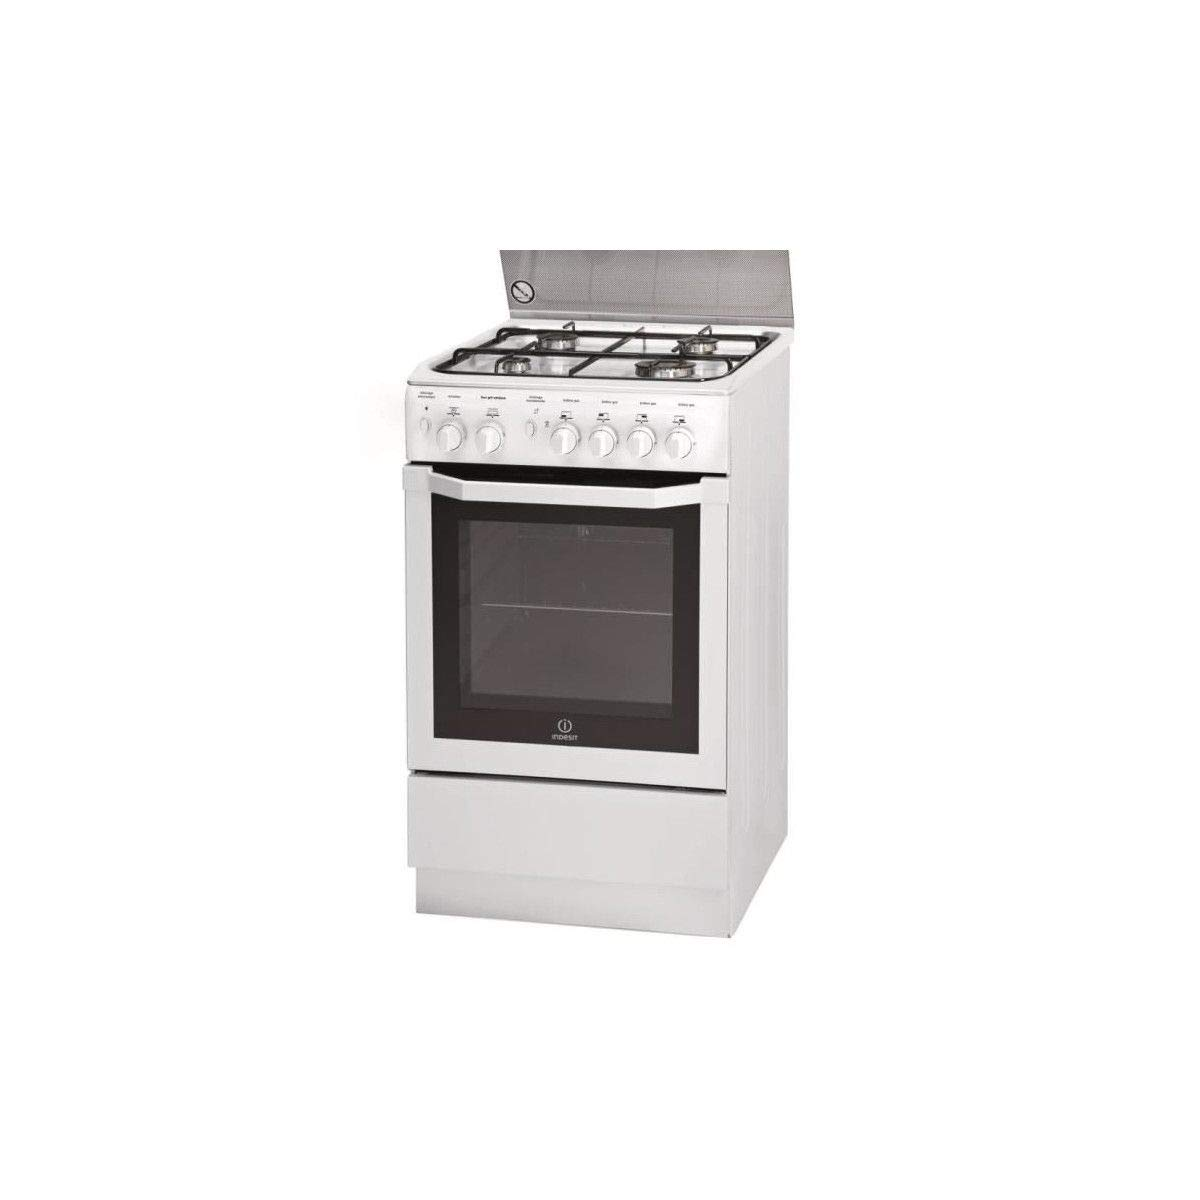 Indesit I5GGC1G(W) FR Autonome Blanc four et cuisinière - Fours et cuisinières (Cuisinière, Blanc, Rotatif, Gaz, 61 L, Catalyse)